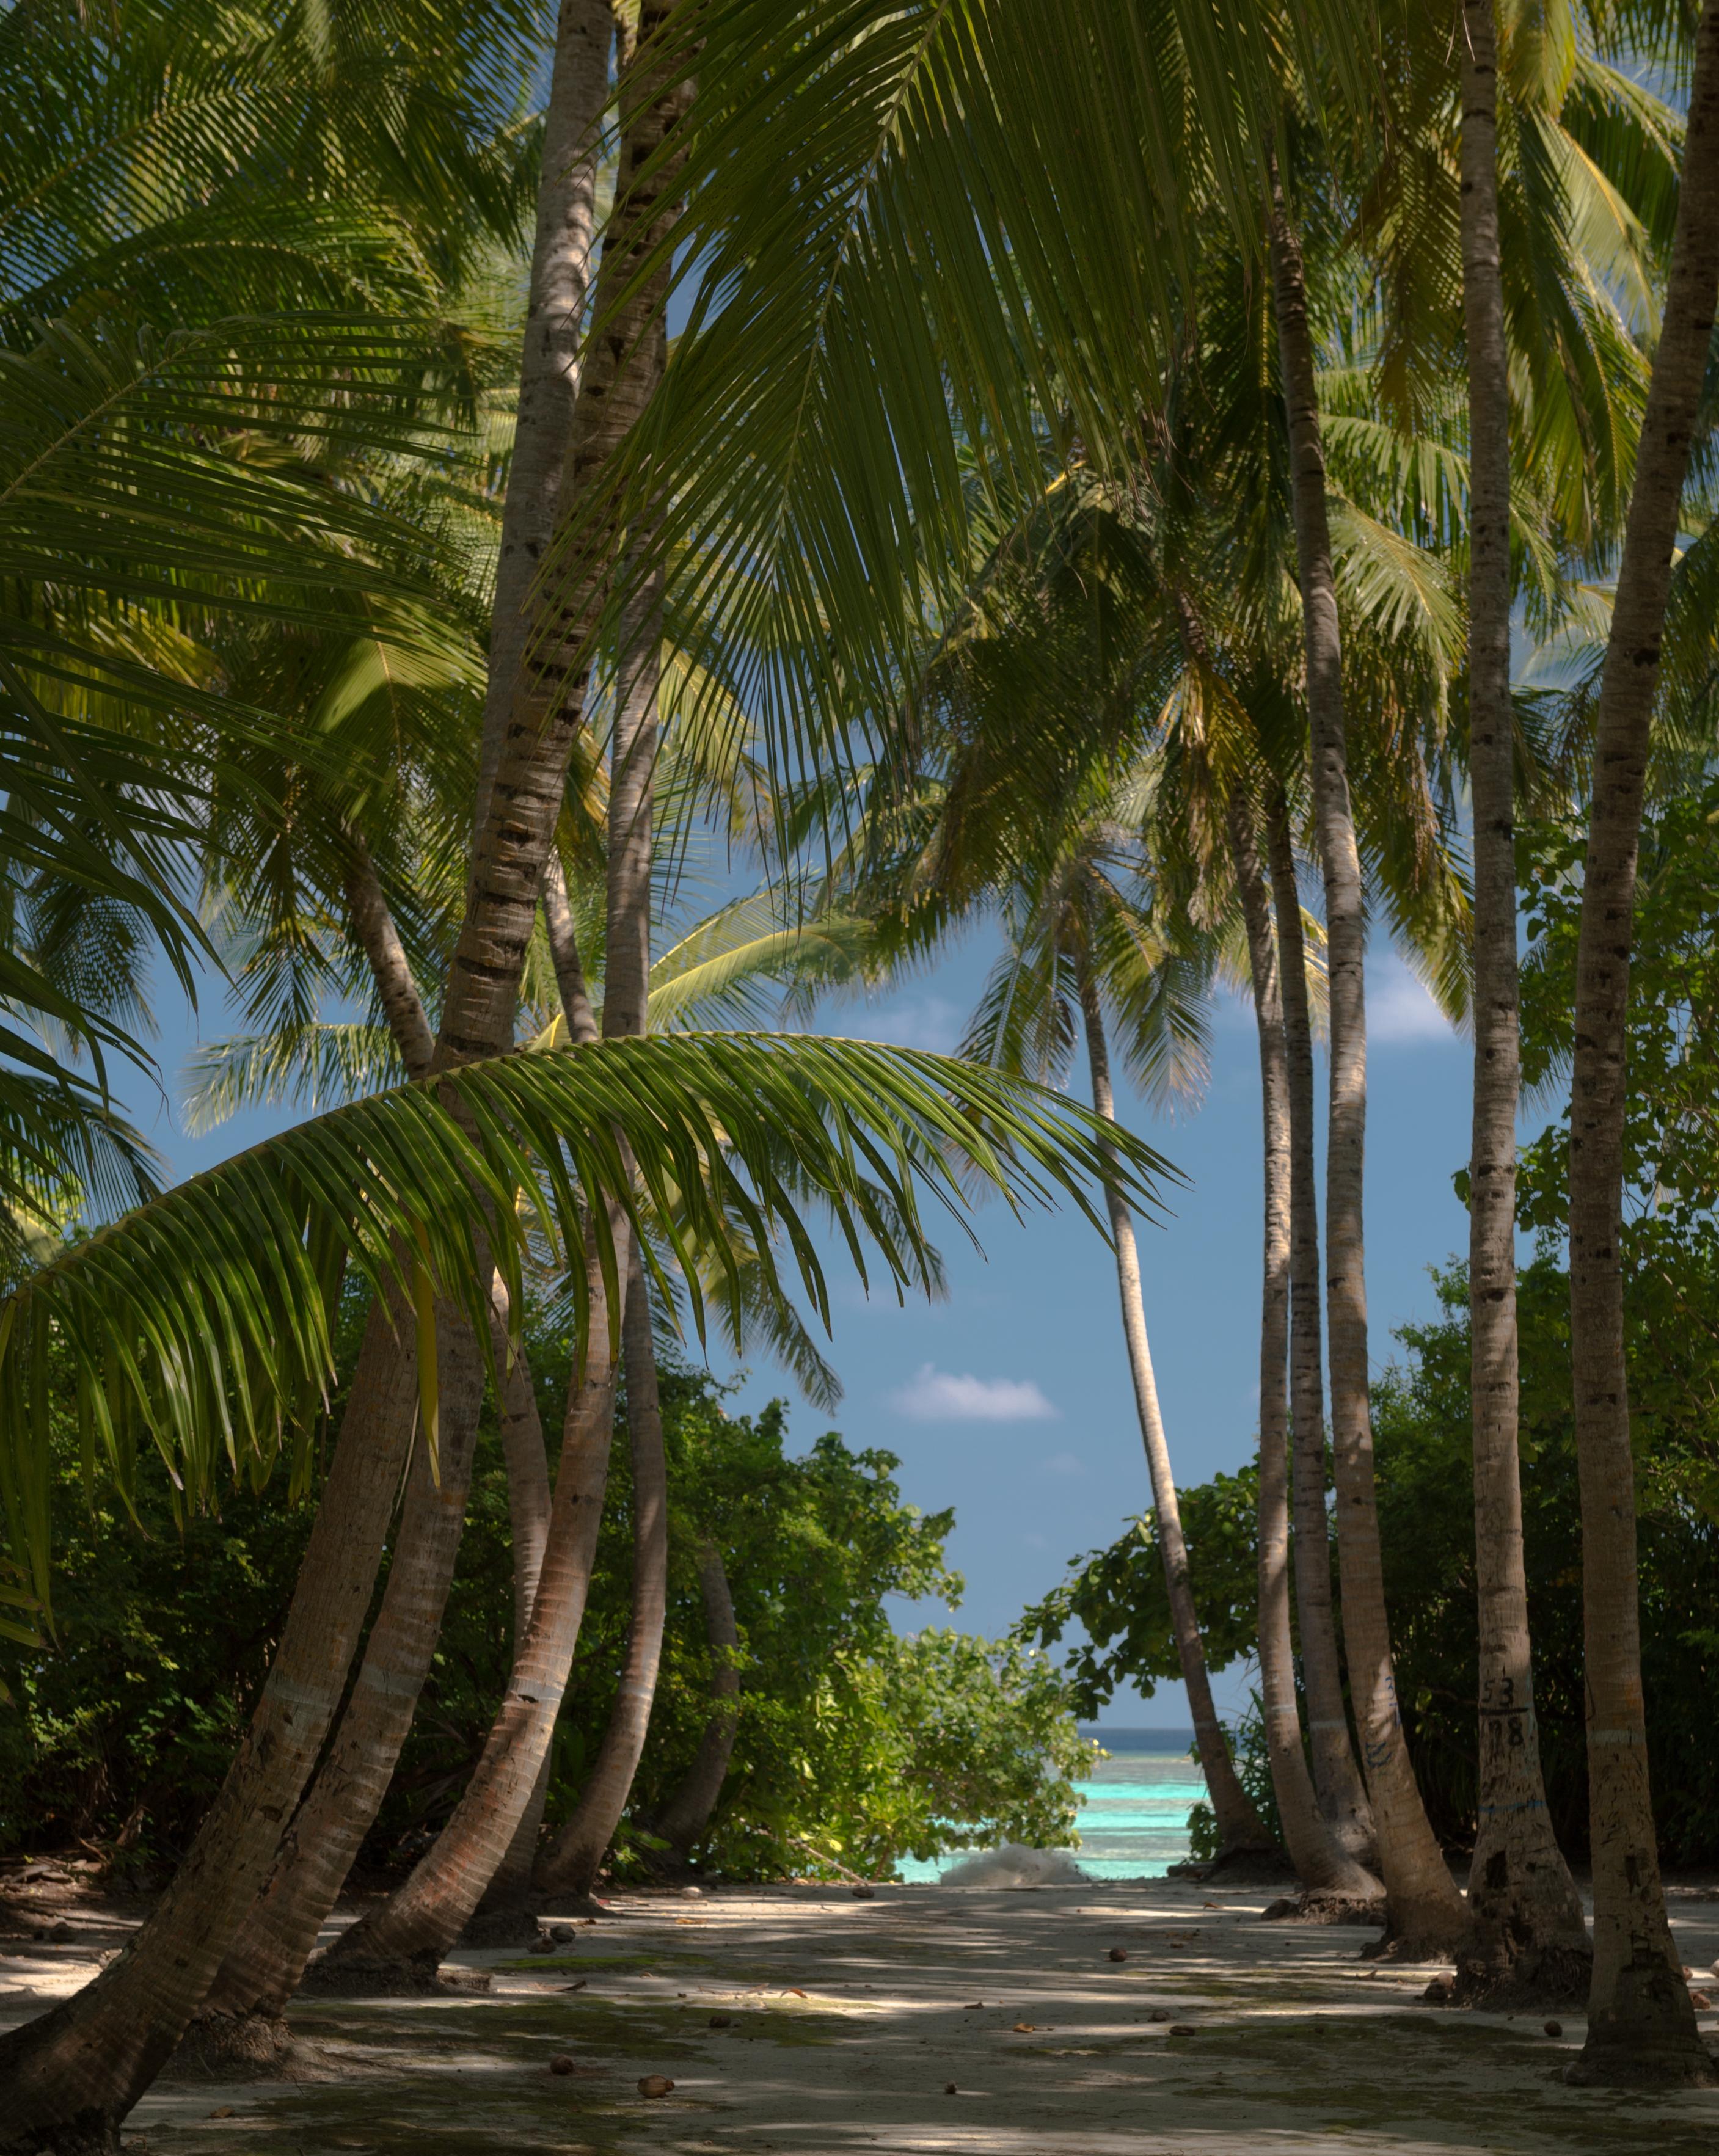 динамичный фото красивого леса с пальмами тайнах